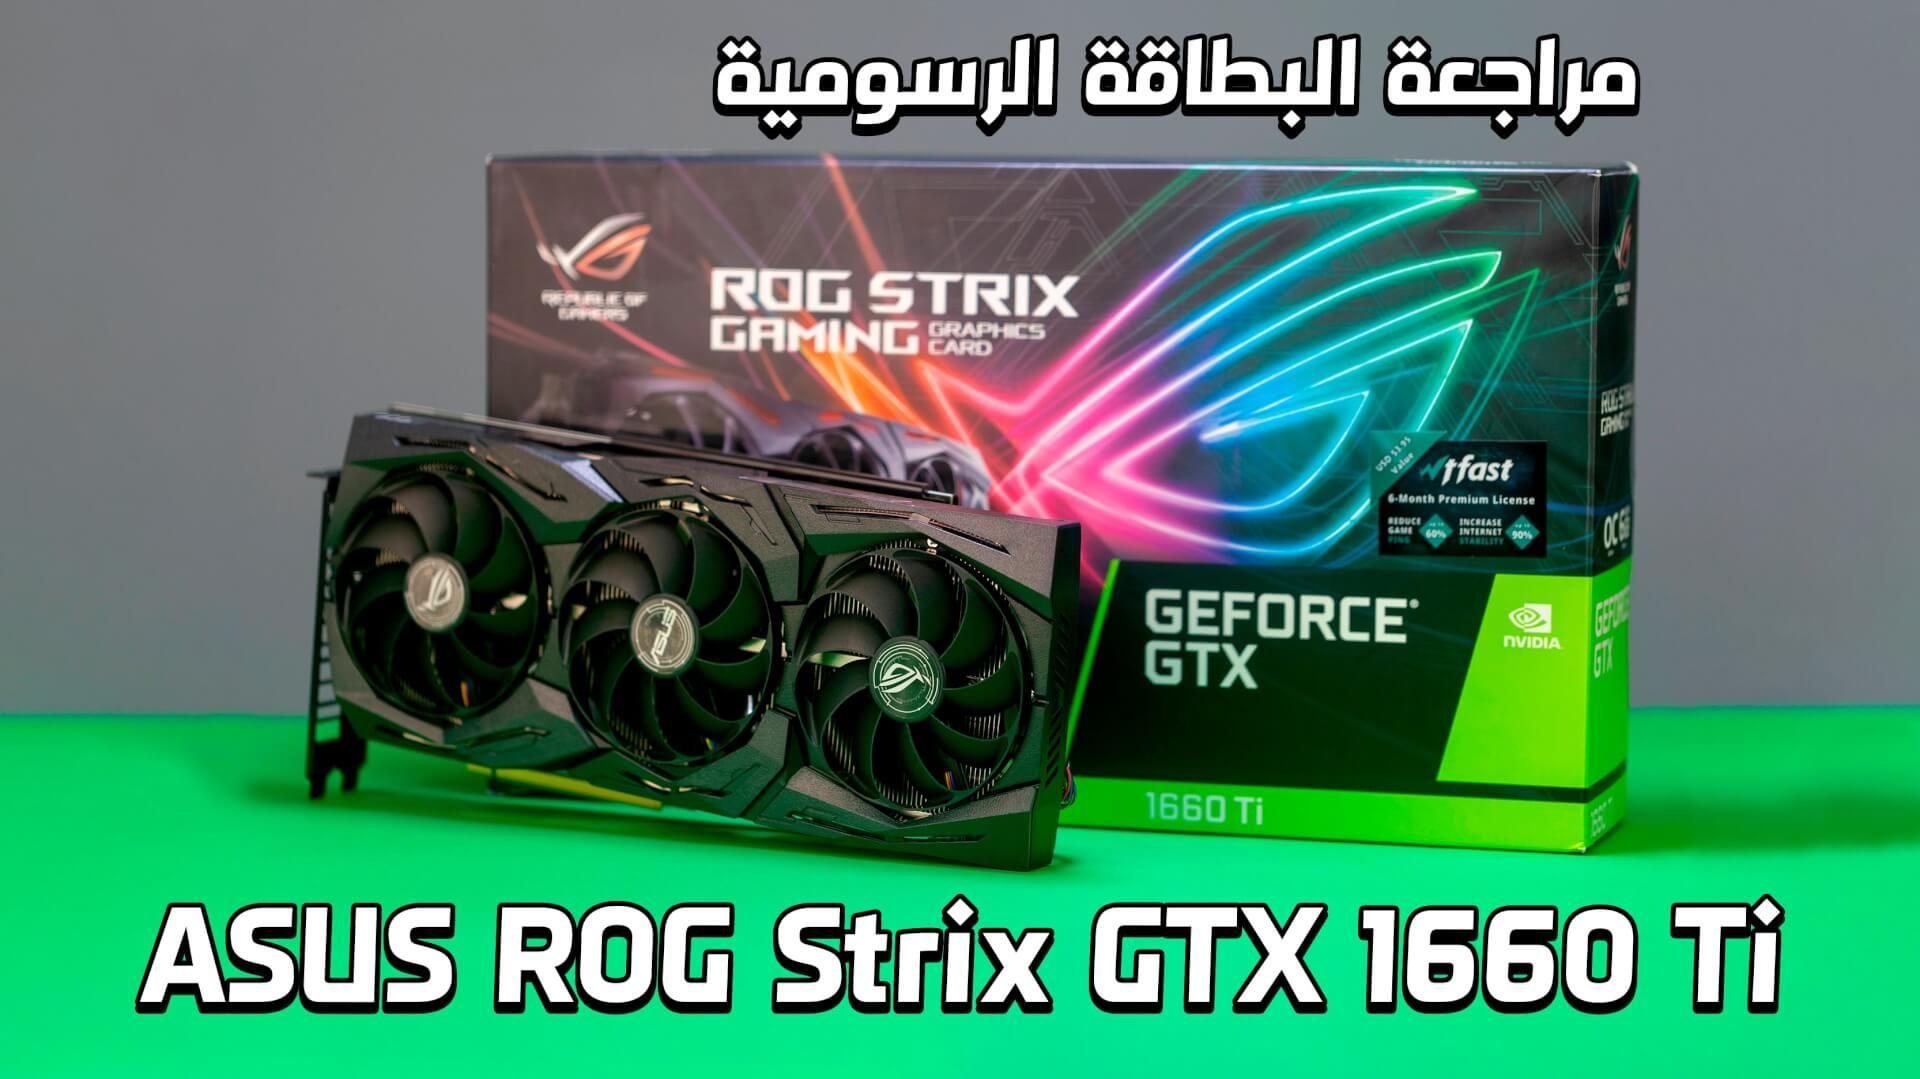 مراجعة البطاقة الرسومية Asus Rog Strix Gtx 1660 Ti